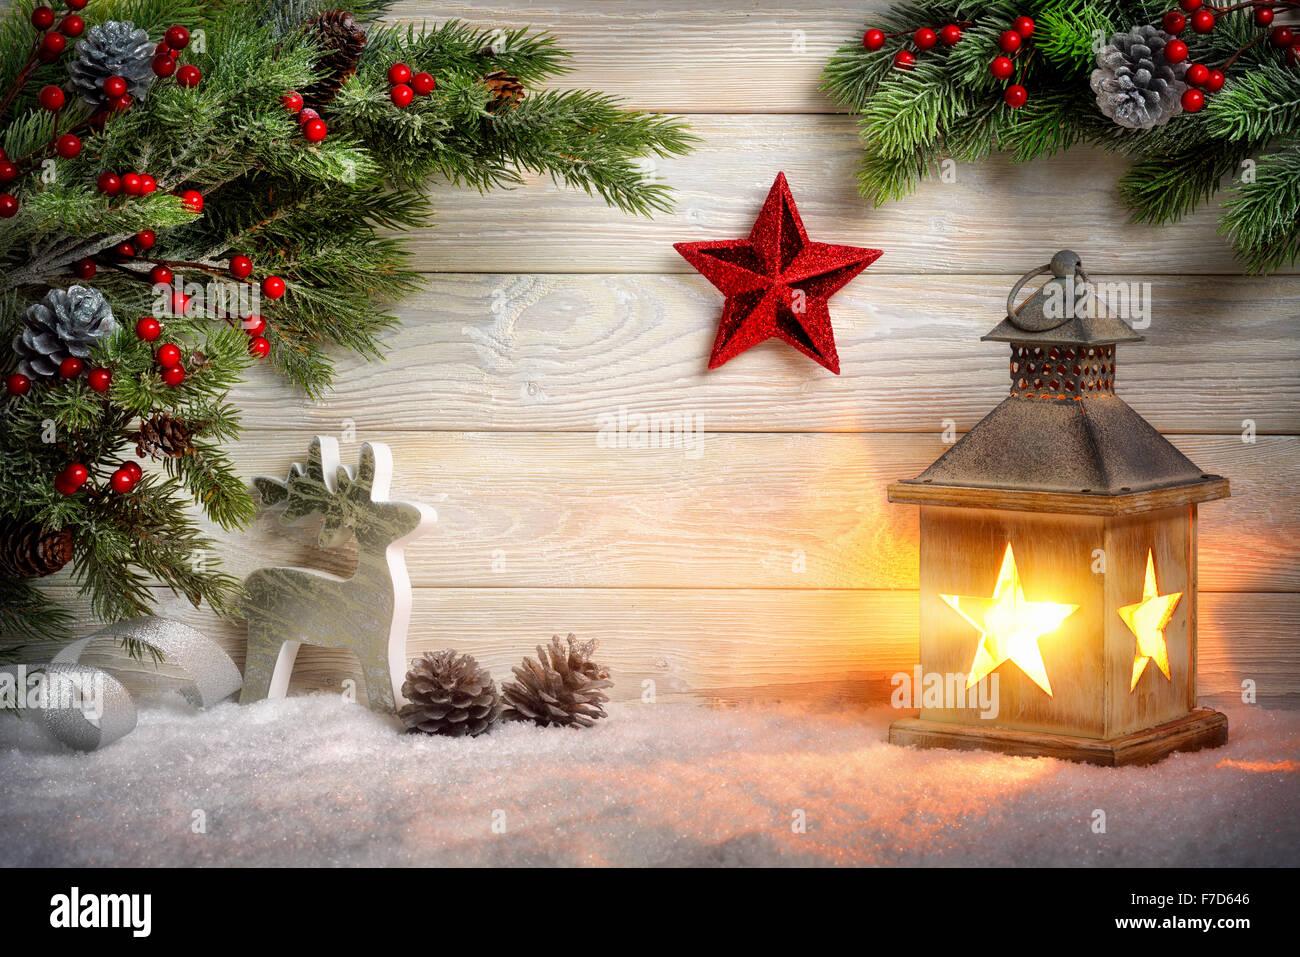 Weihnachten Hintergrund.Weihnachten Hintergrund Der Szene Mit Einer Laterne Tannenzweigen